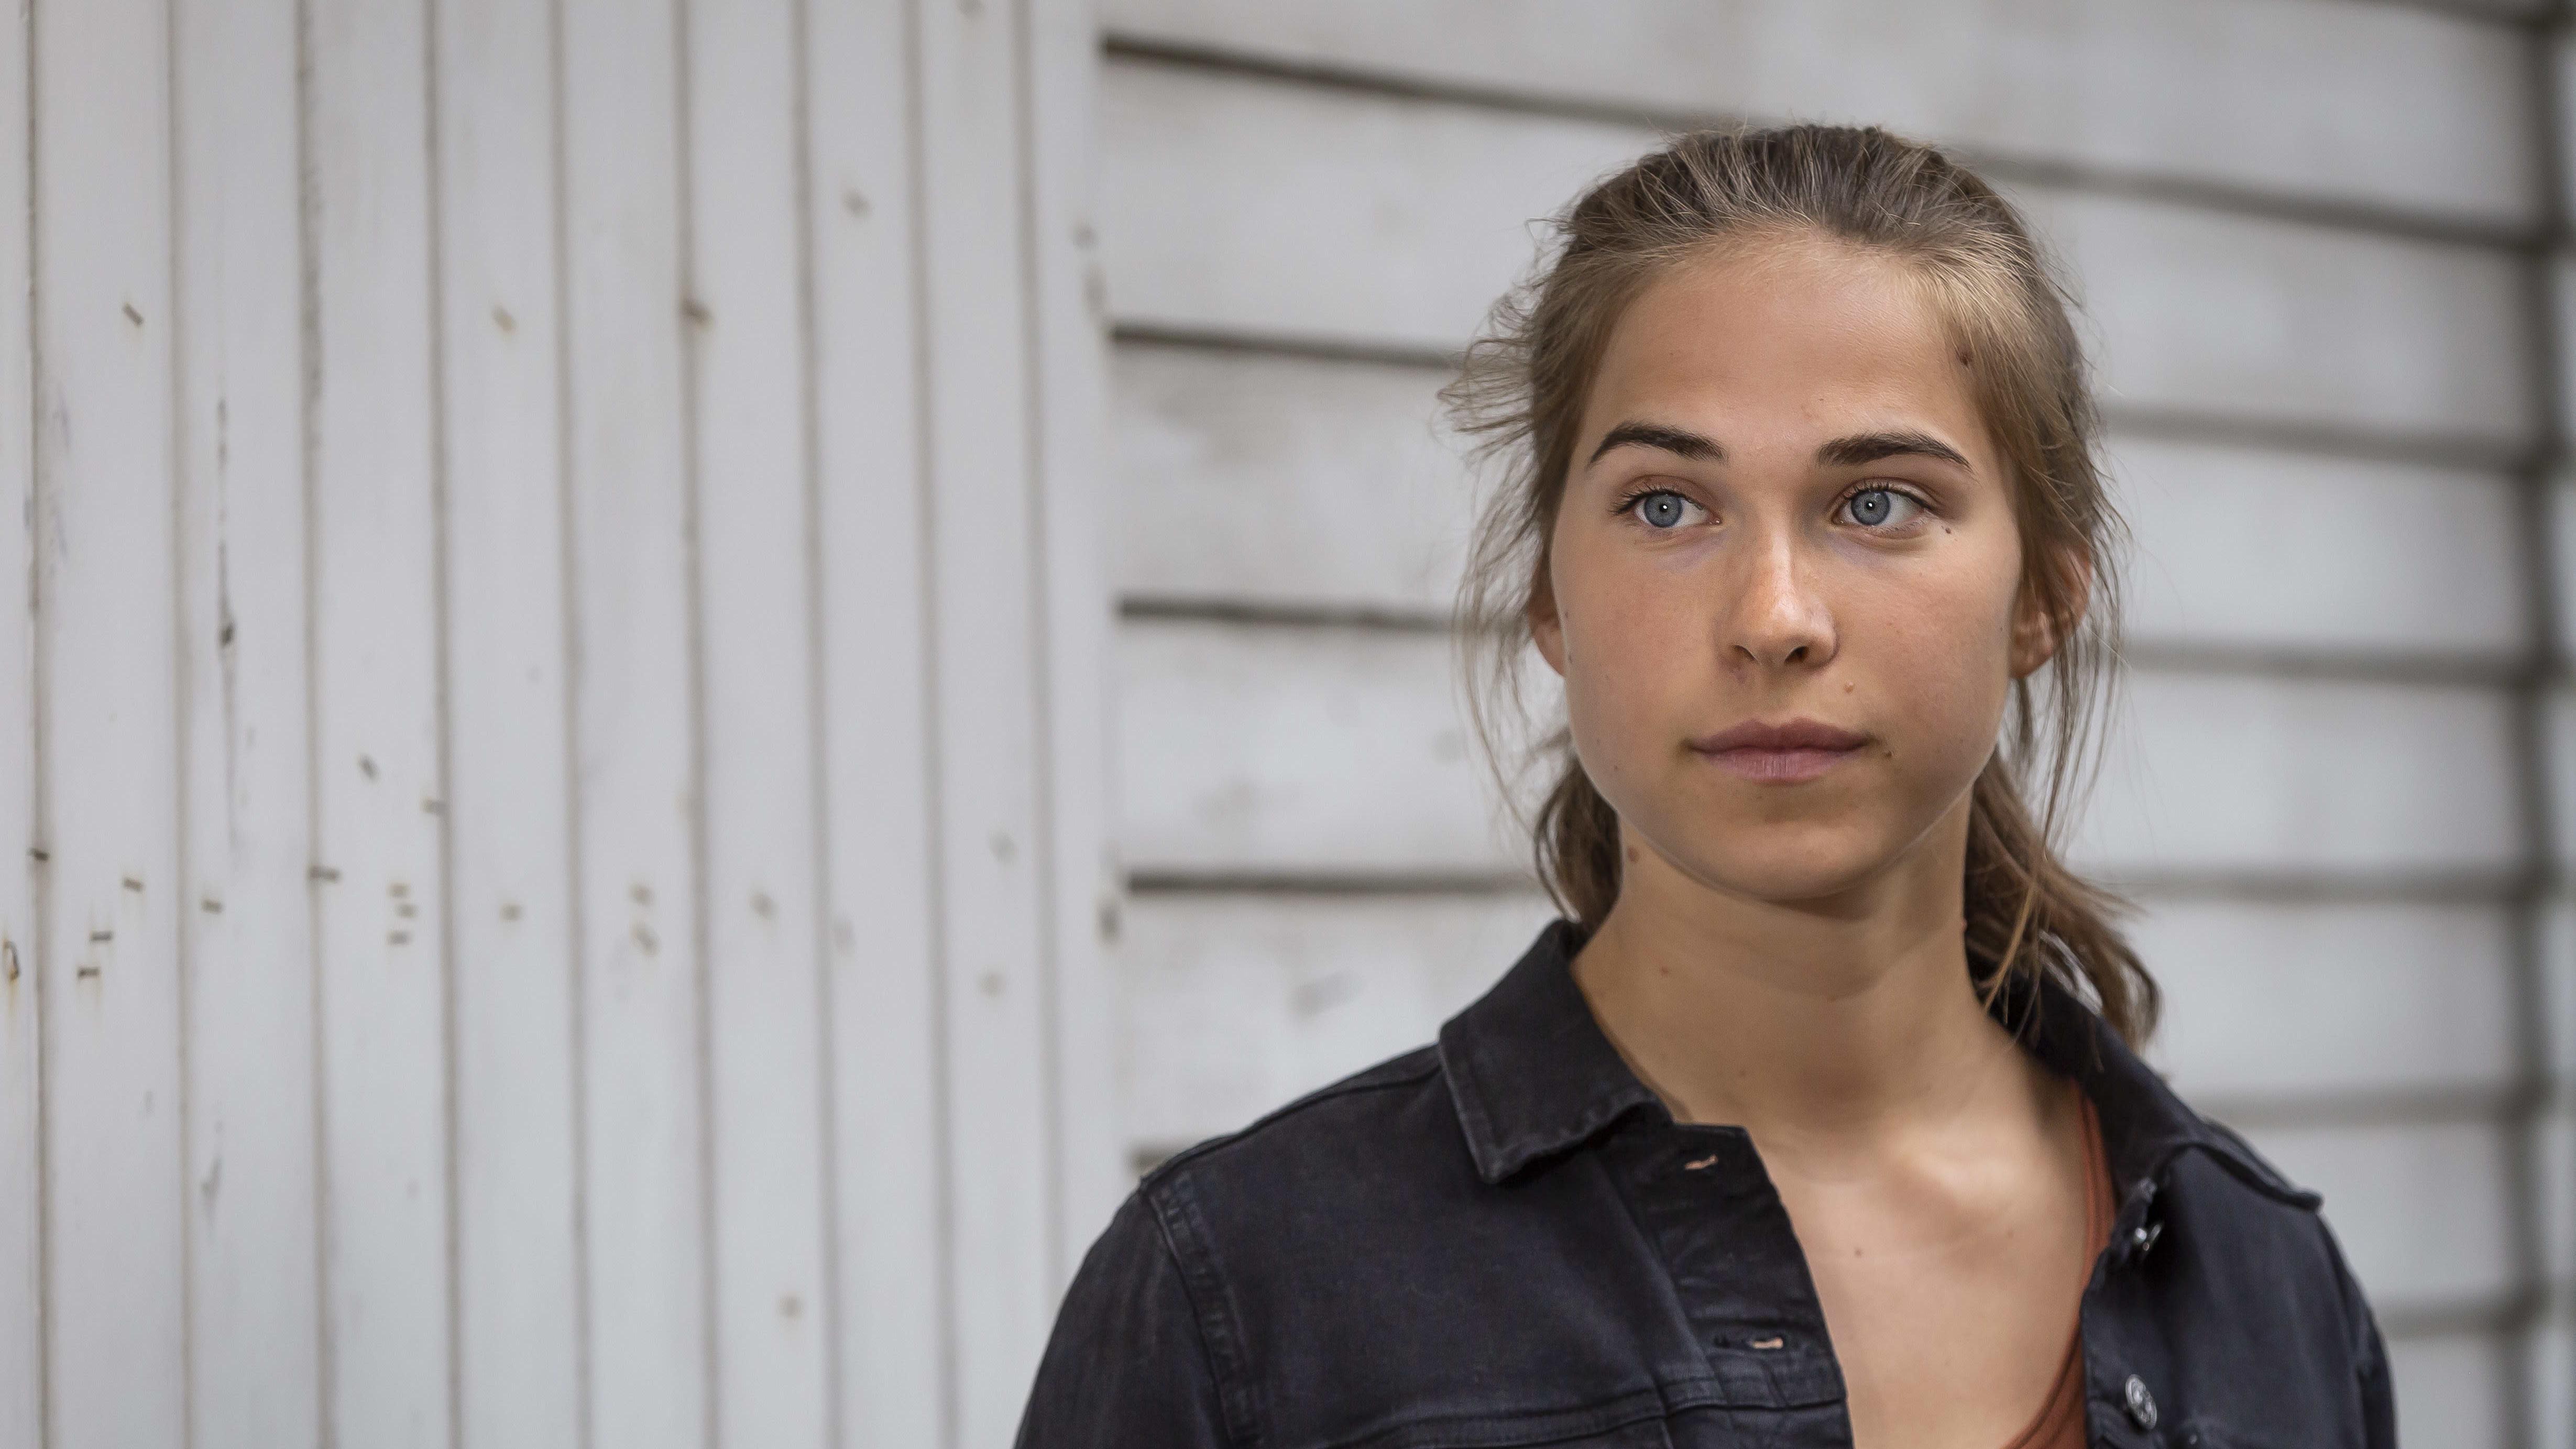 Jalkapalloilija Emmaliina Tulkki poseeraa kameralle 28.5.2020.